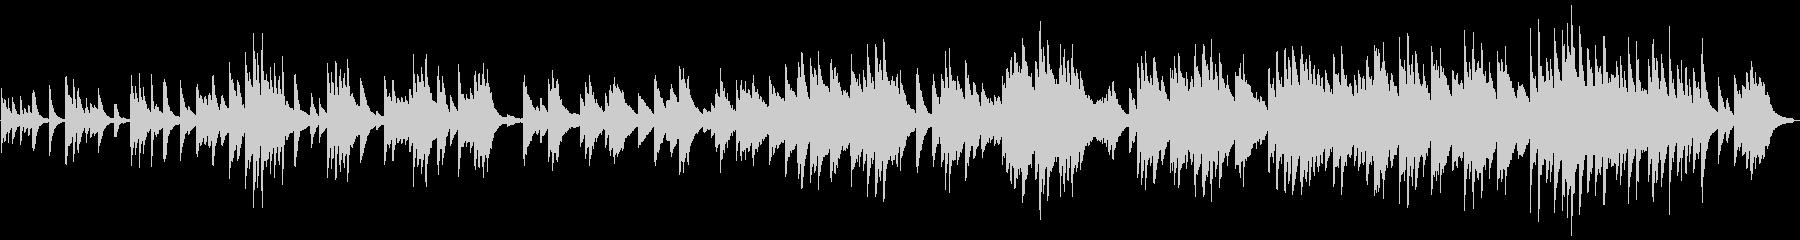 優しく切ないピアノバラードの未再生の波形